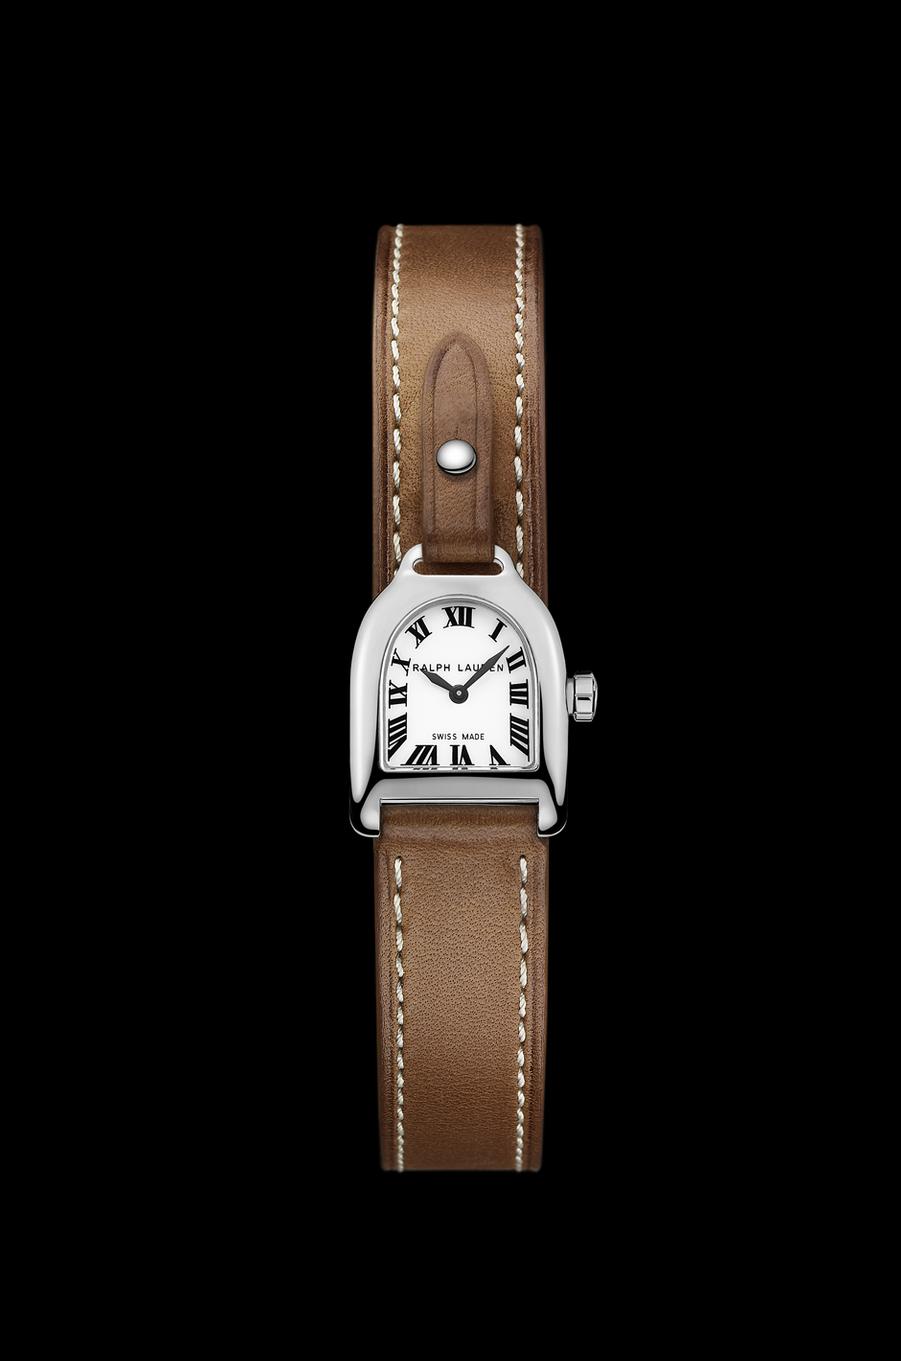 Stirrup Mini en acier, 13 x 12 mm, mouvement à quartz, bracelet interchangeable en veau. 2 050 €. Ralph Lauren.